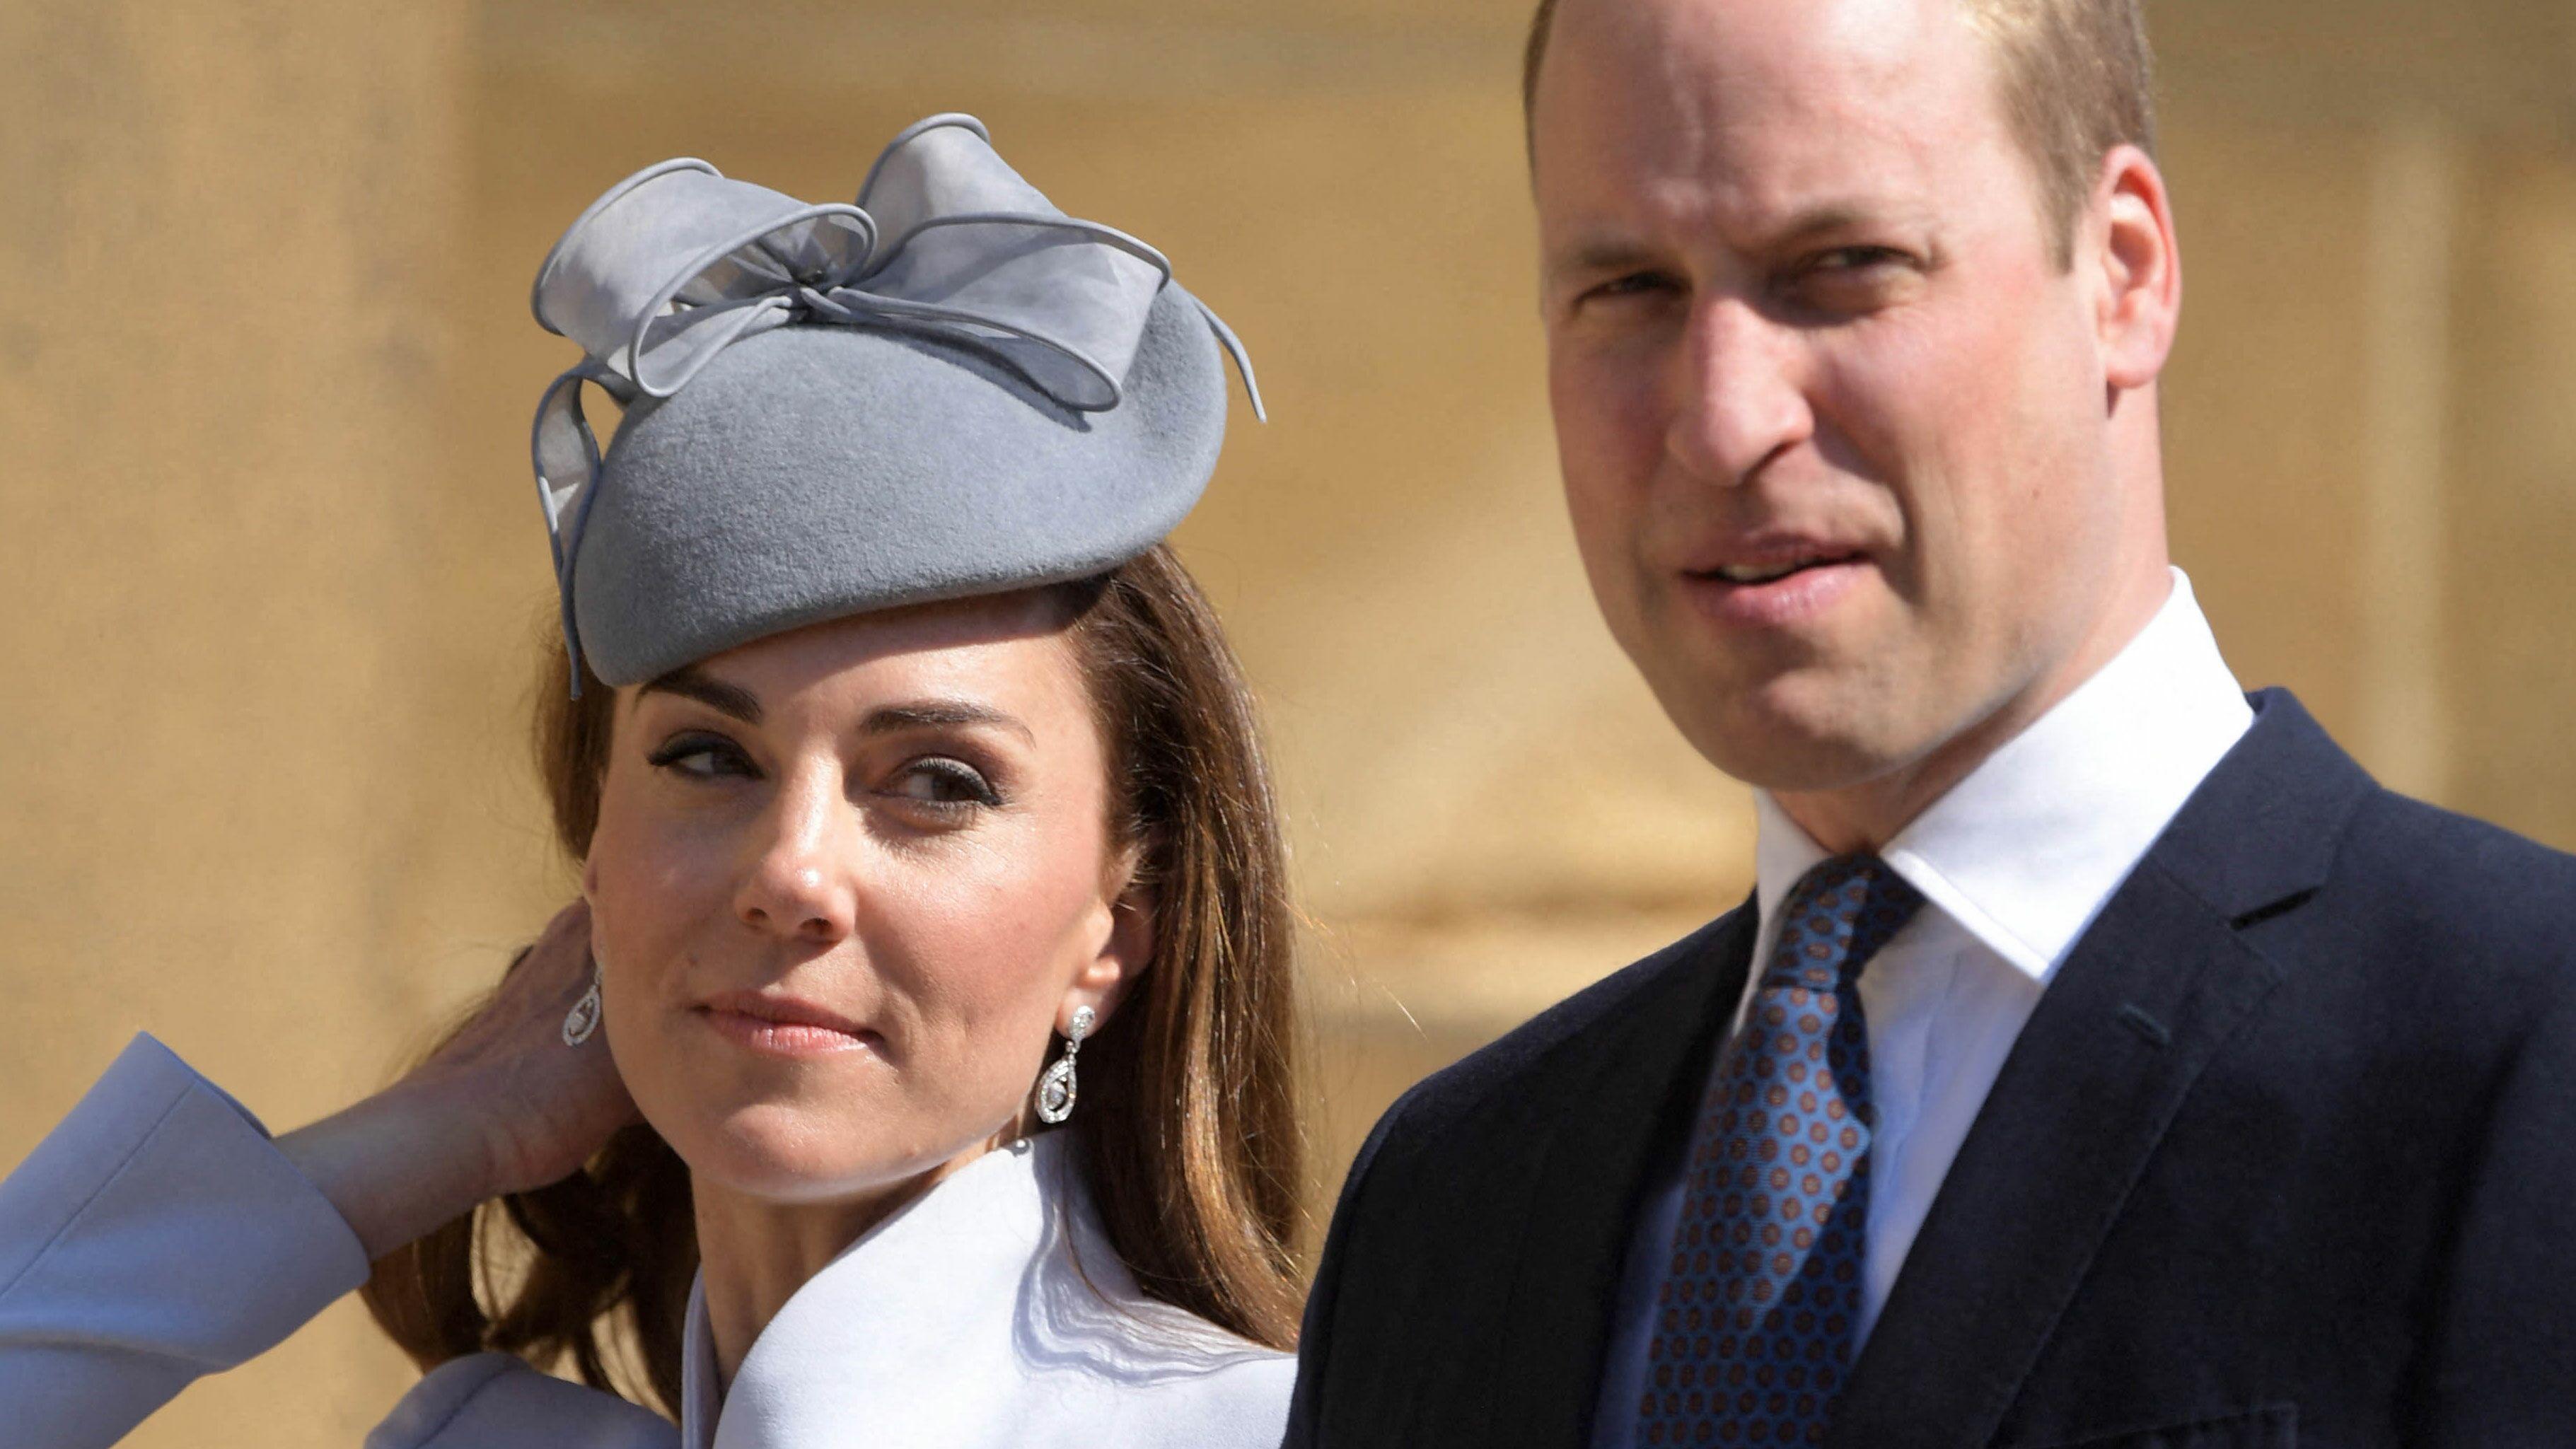 Game of Thrones : le prince William va travailler en étroite collaboration avec une actrice star de la série